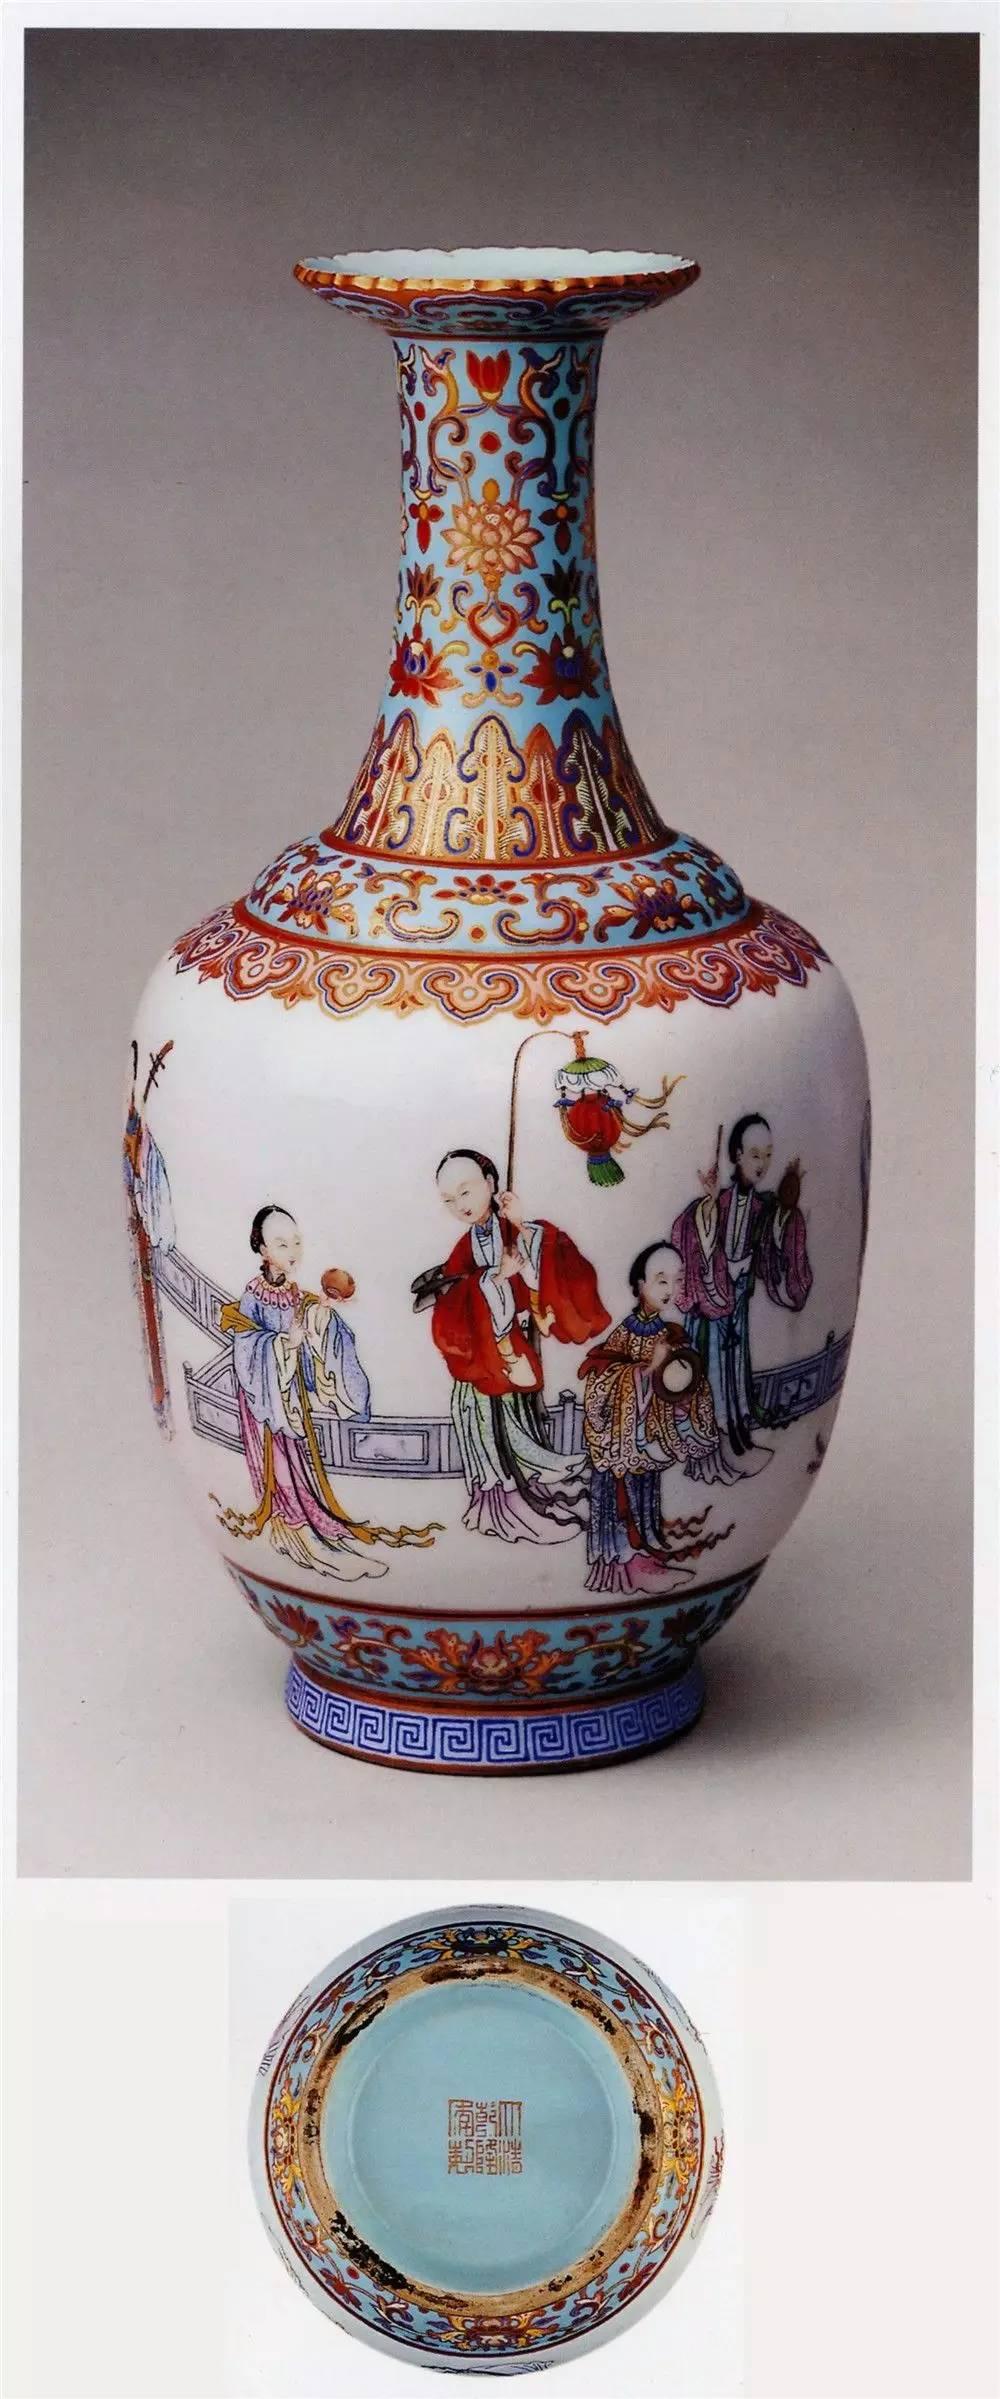 清乾隆时期粉彩瓷器的鉴赏 从乾隆粉彩百鹿螭耳尊谈起图片